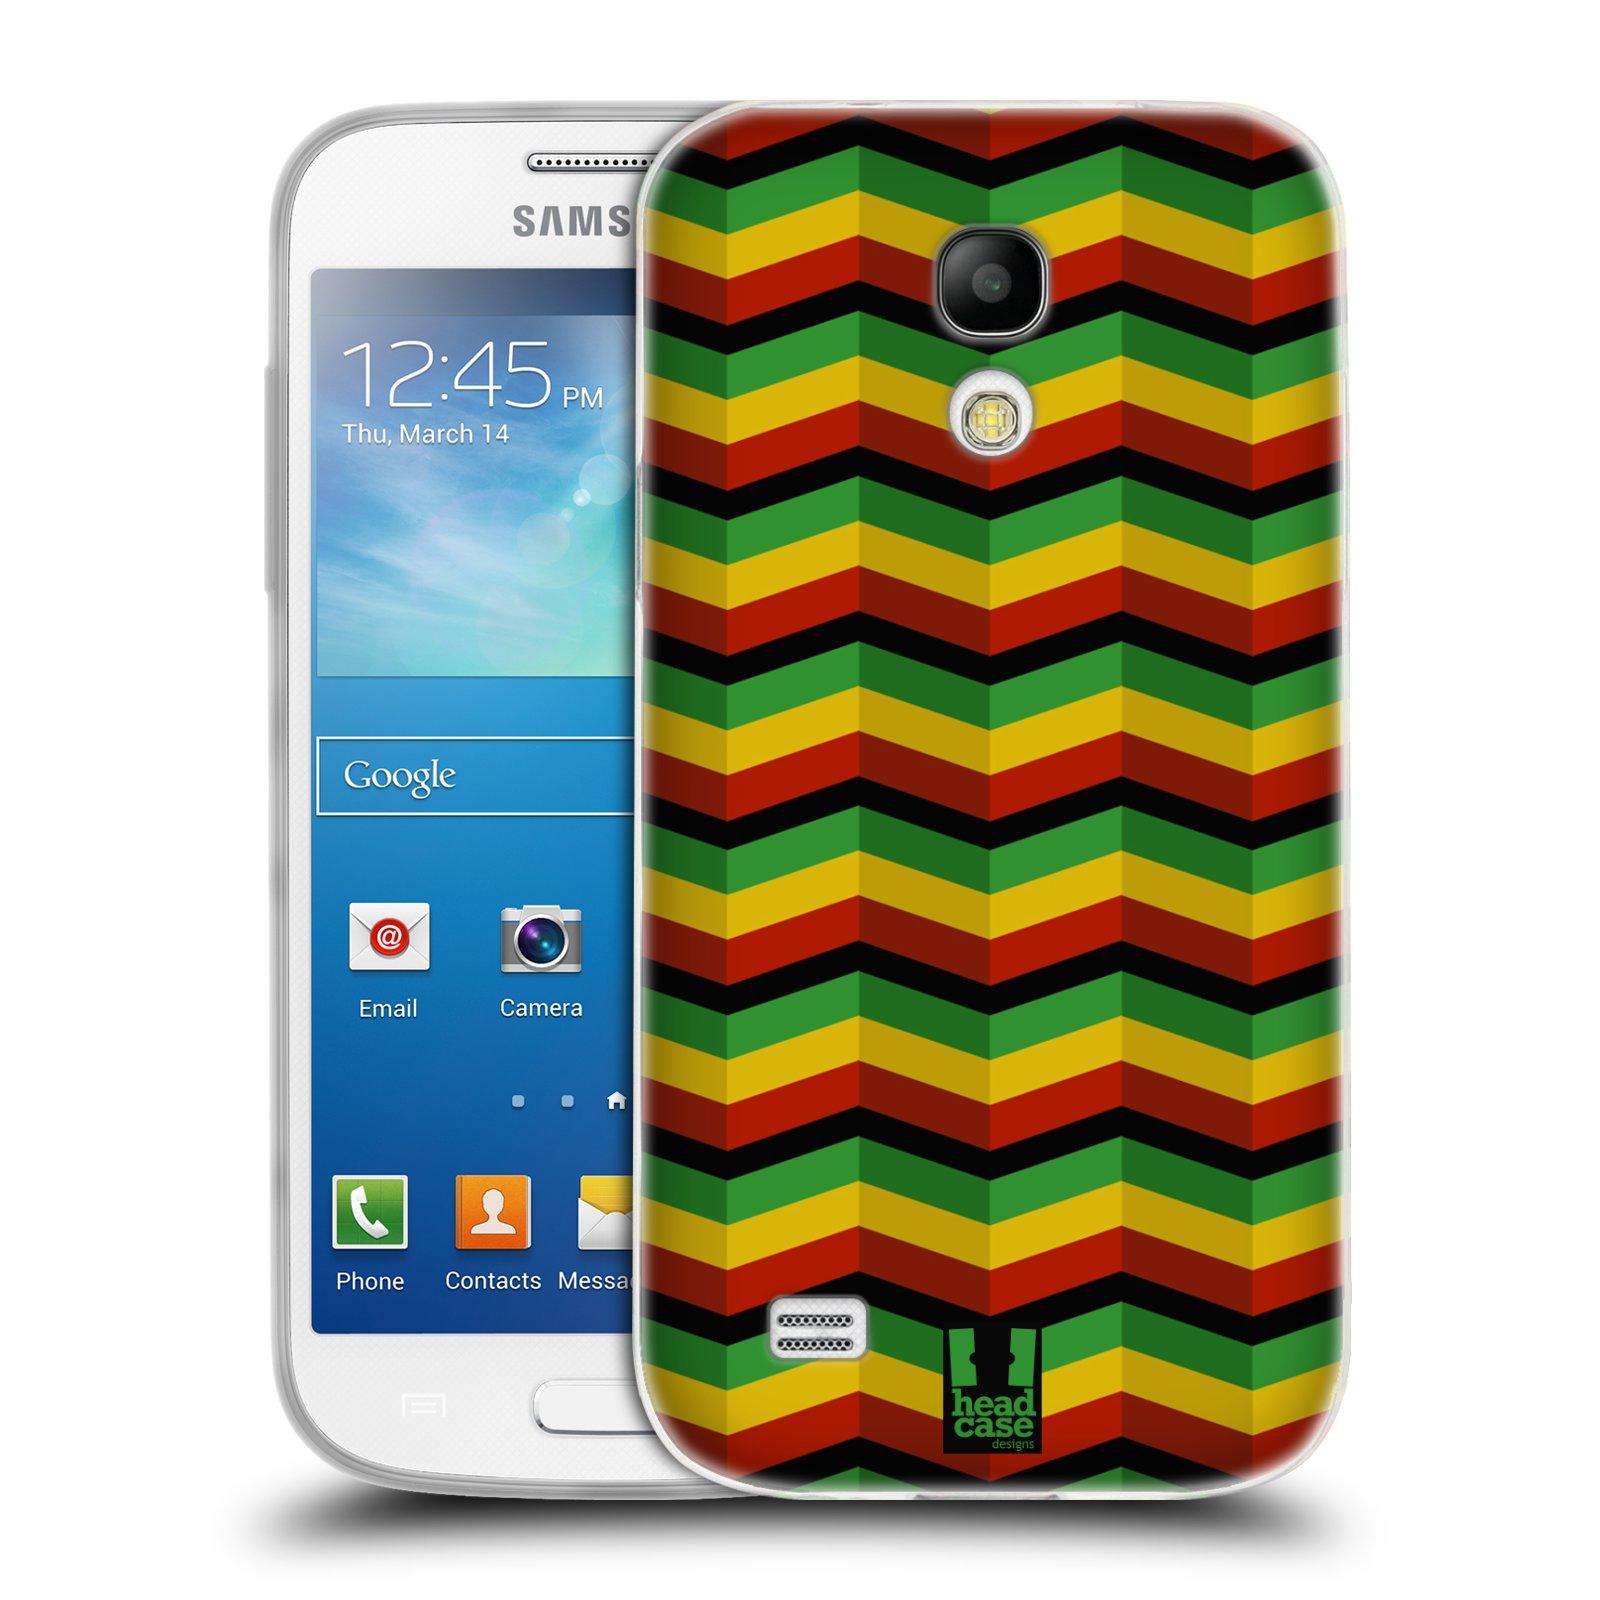 Silikonové pouzdro na mobil Samsung Galaxy S4 Mini HEAD CASE RASTA CHEVRON (Silikonový kryt či obal na mobilní telefon Samsung Galaxy S4 Mini GT-i9195 / i9190 (nepasuje na verzi Black Edition))